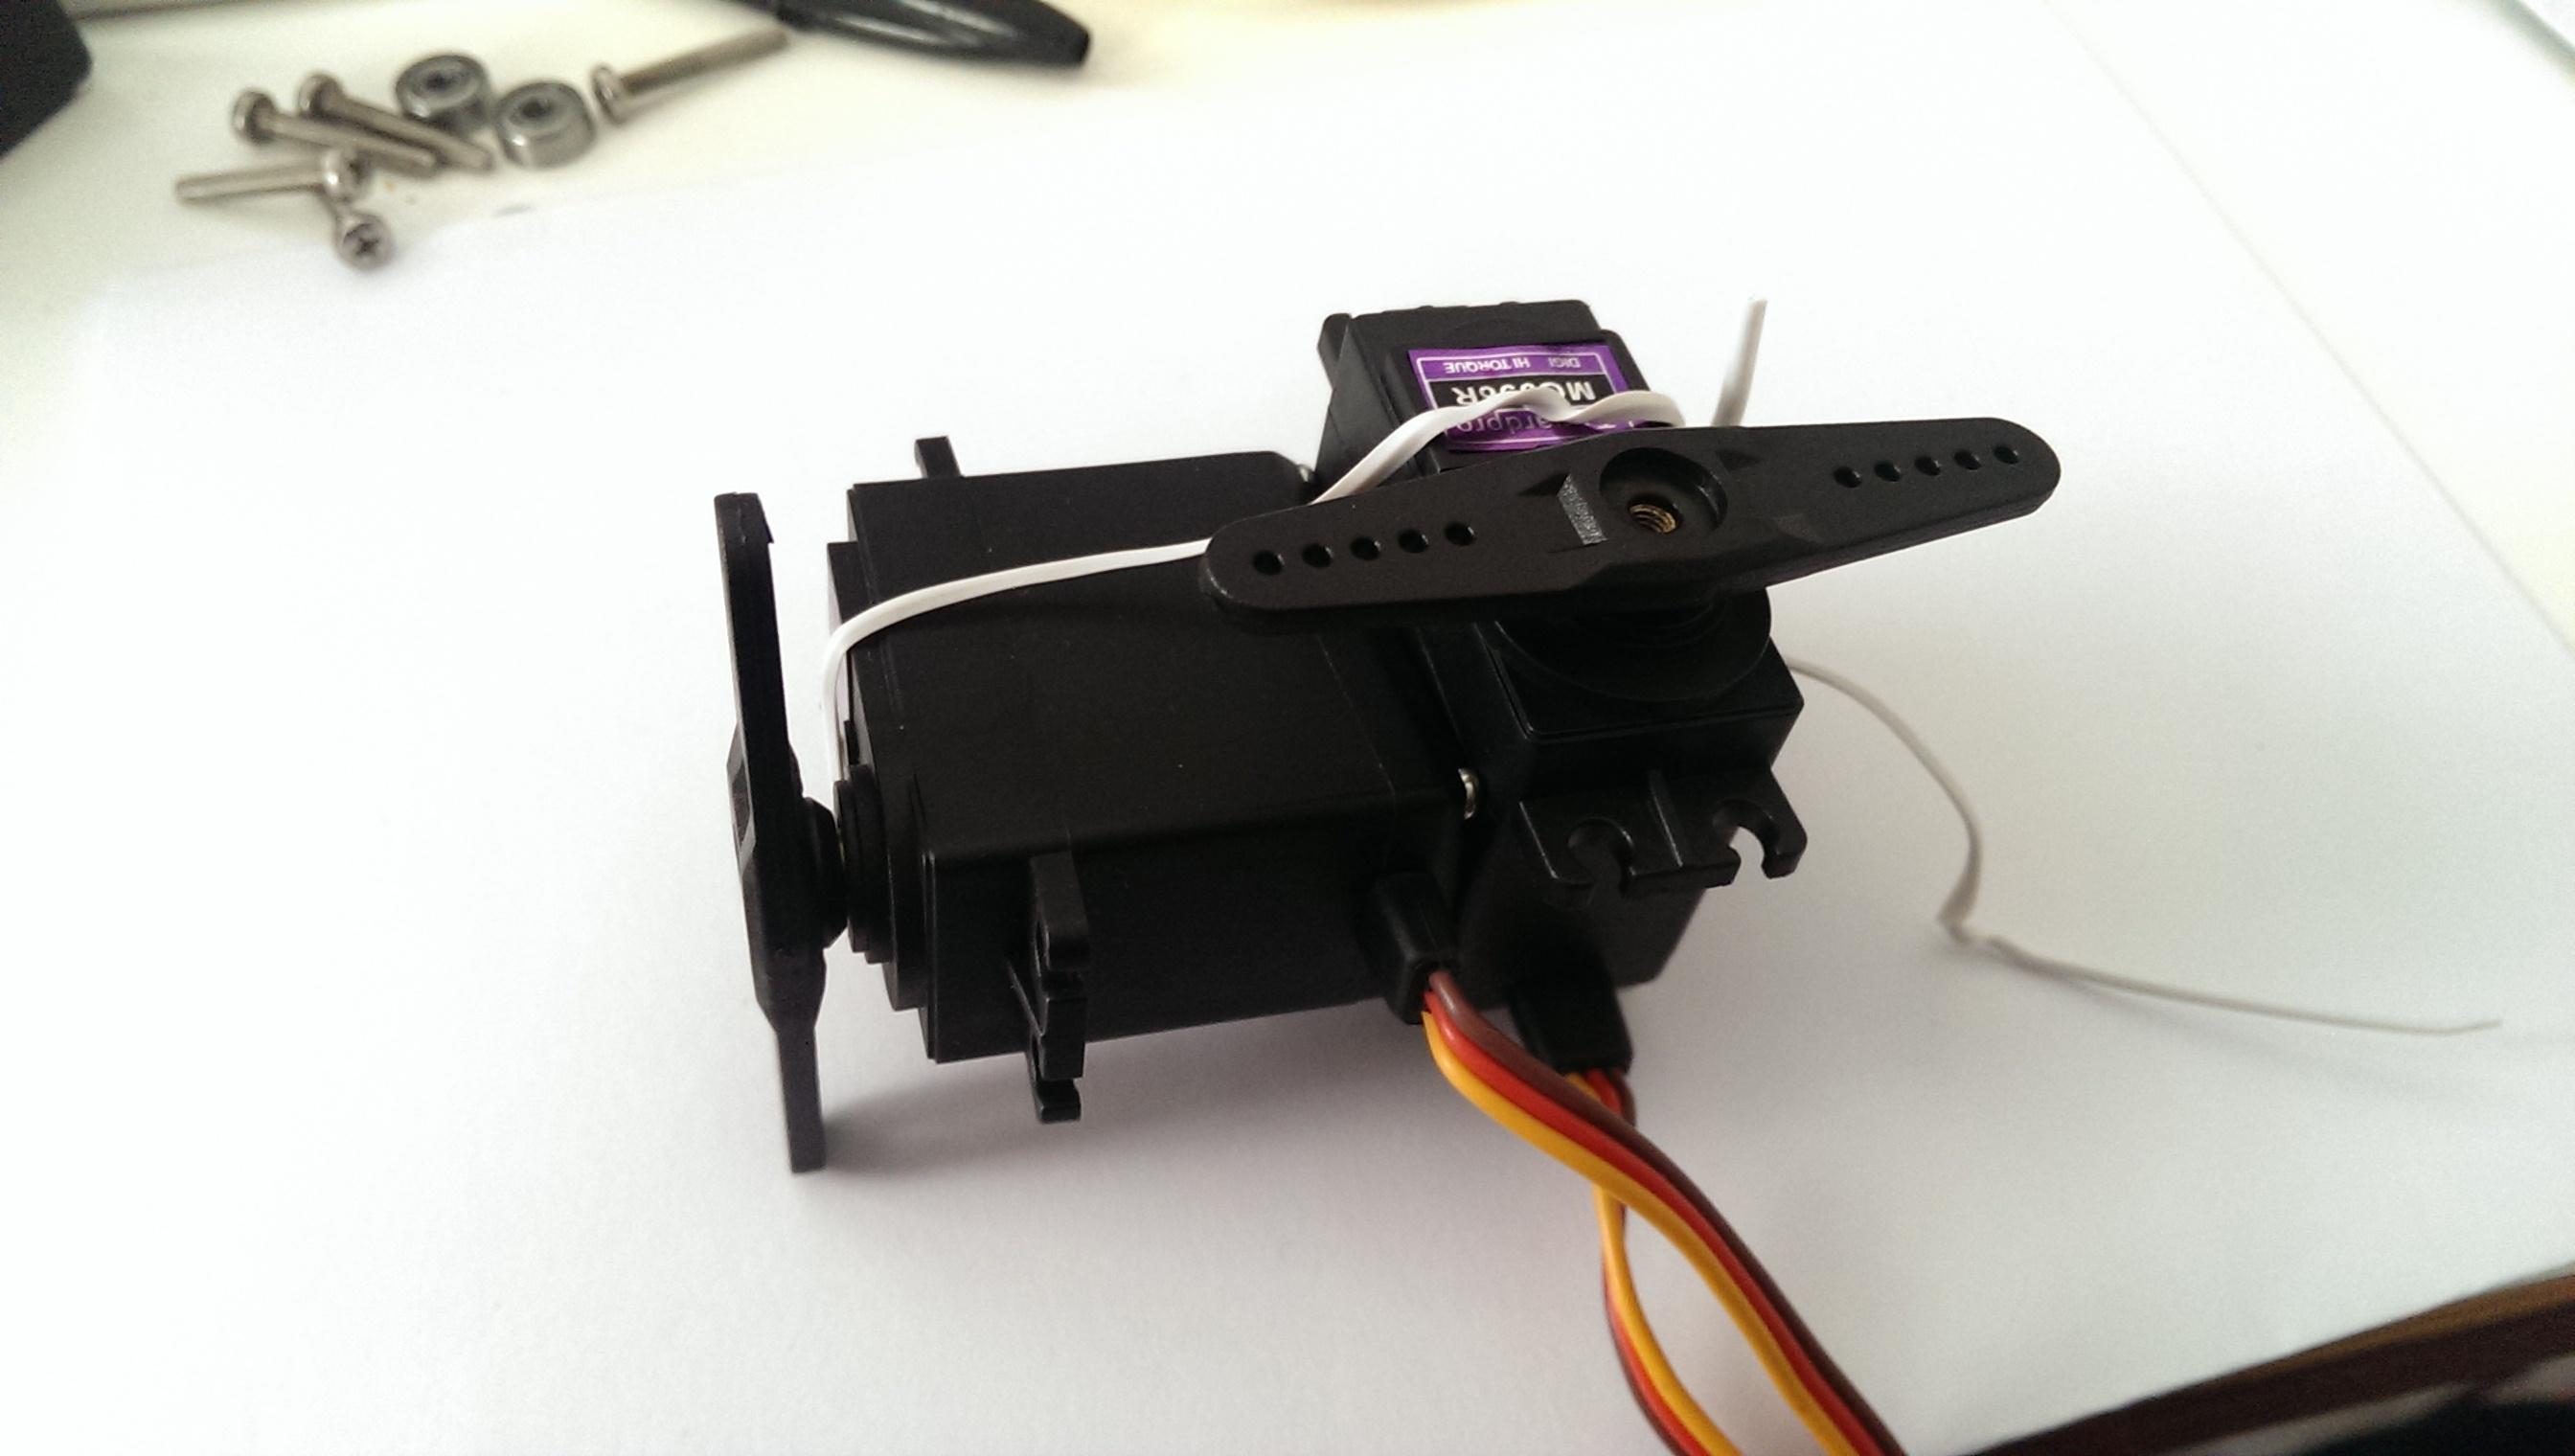 t-shaped servor layout